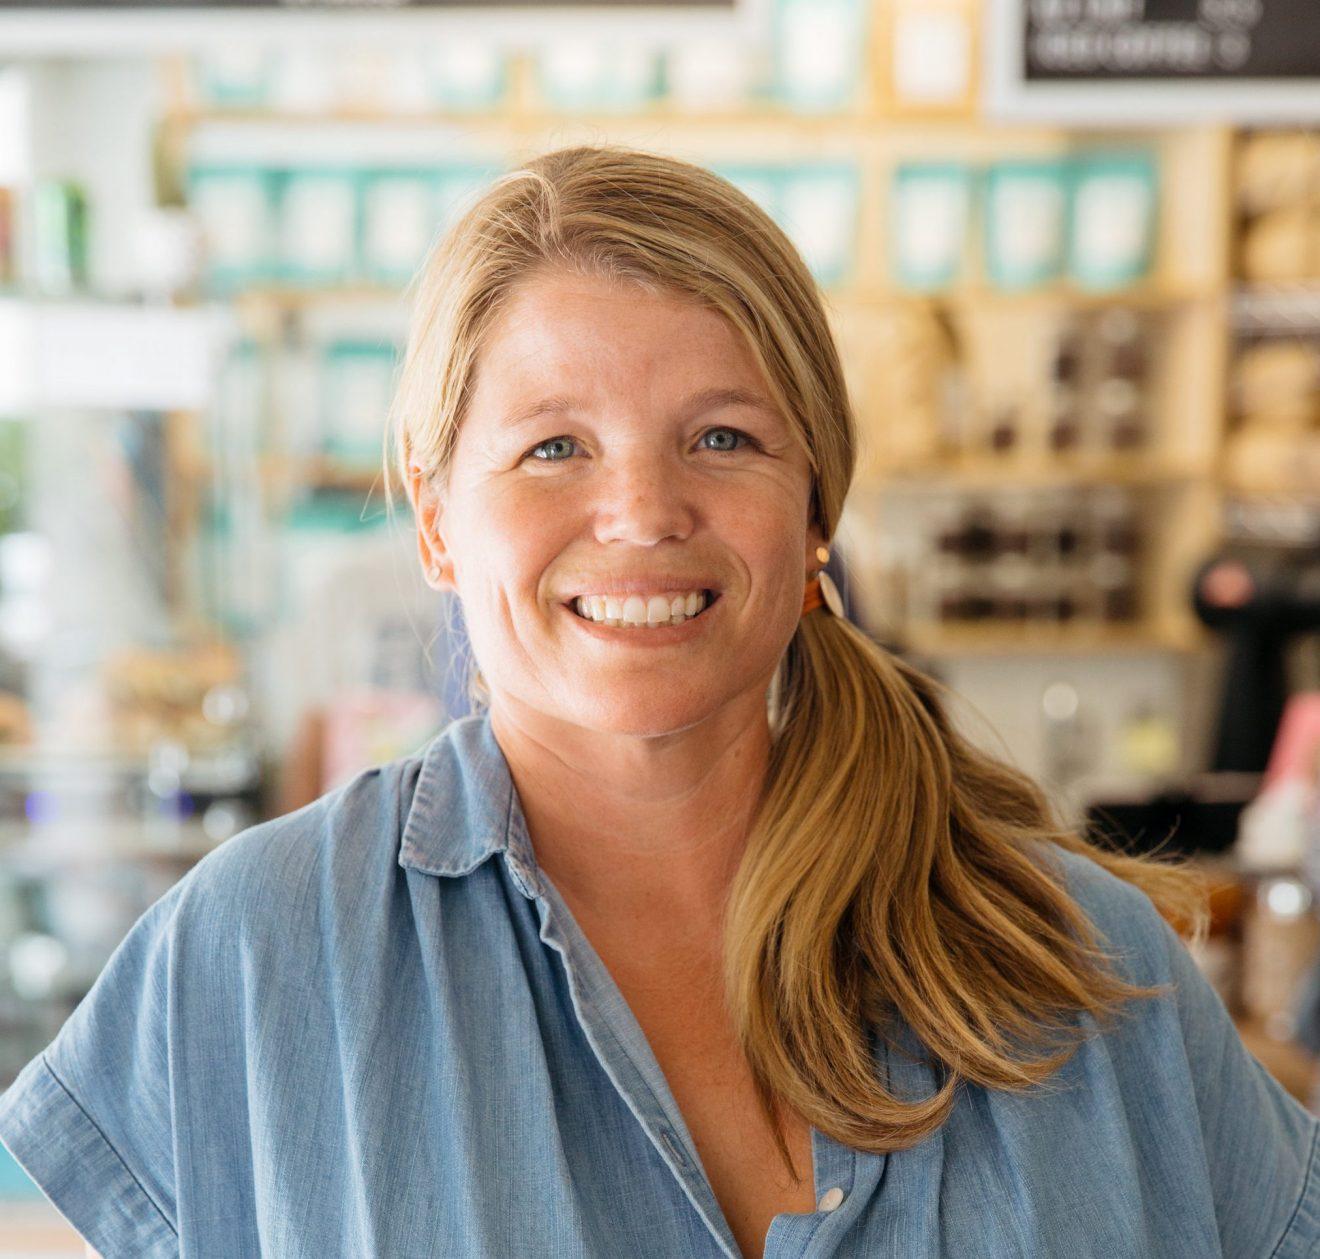 Erin Lampel